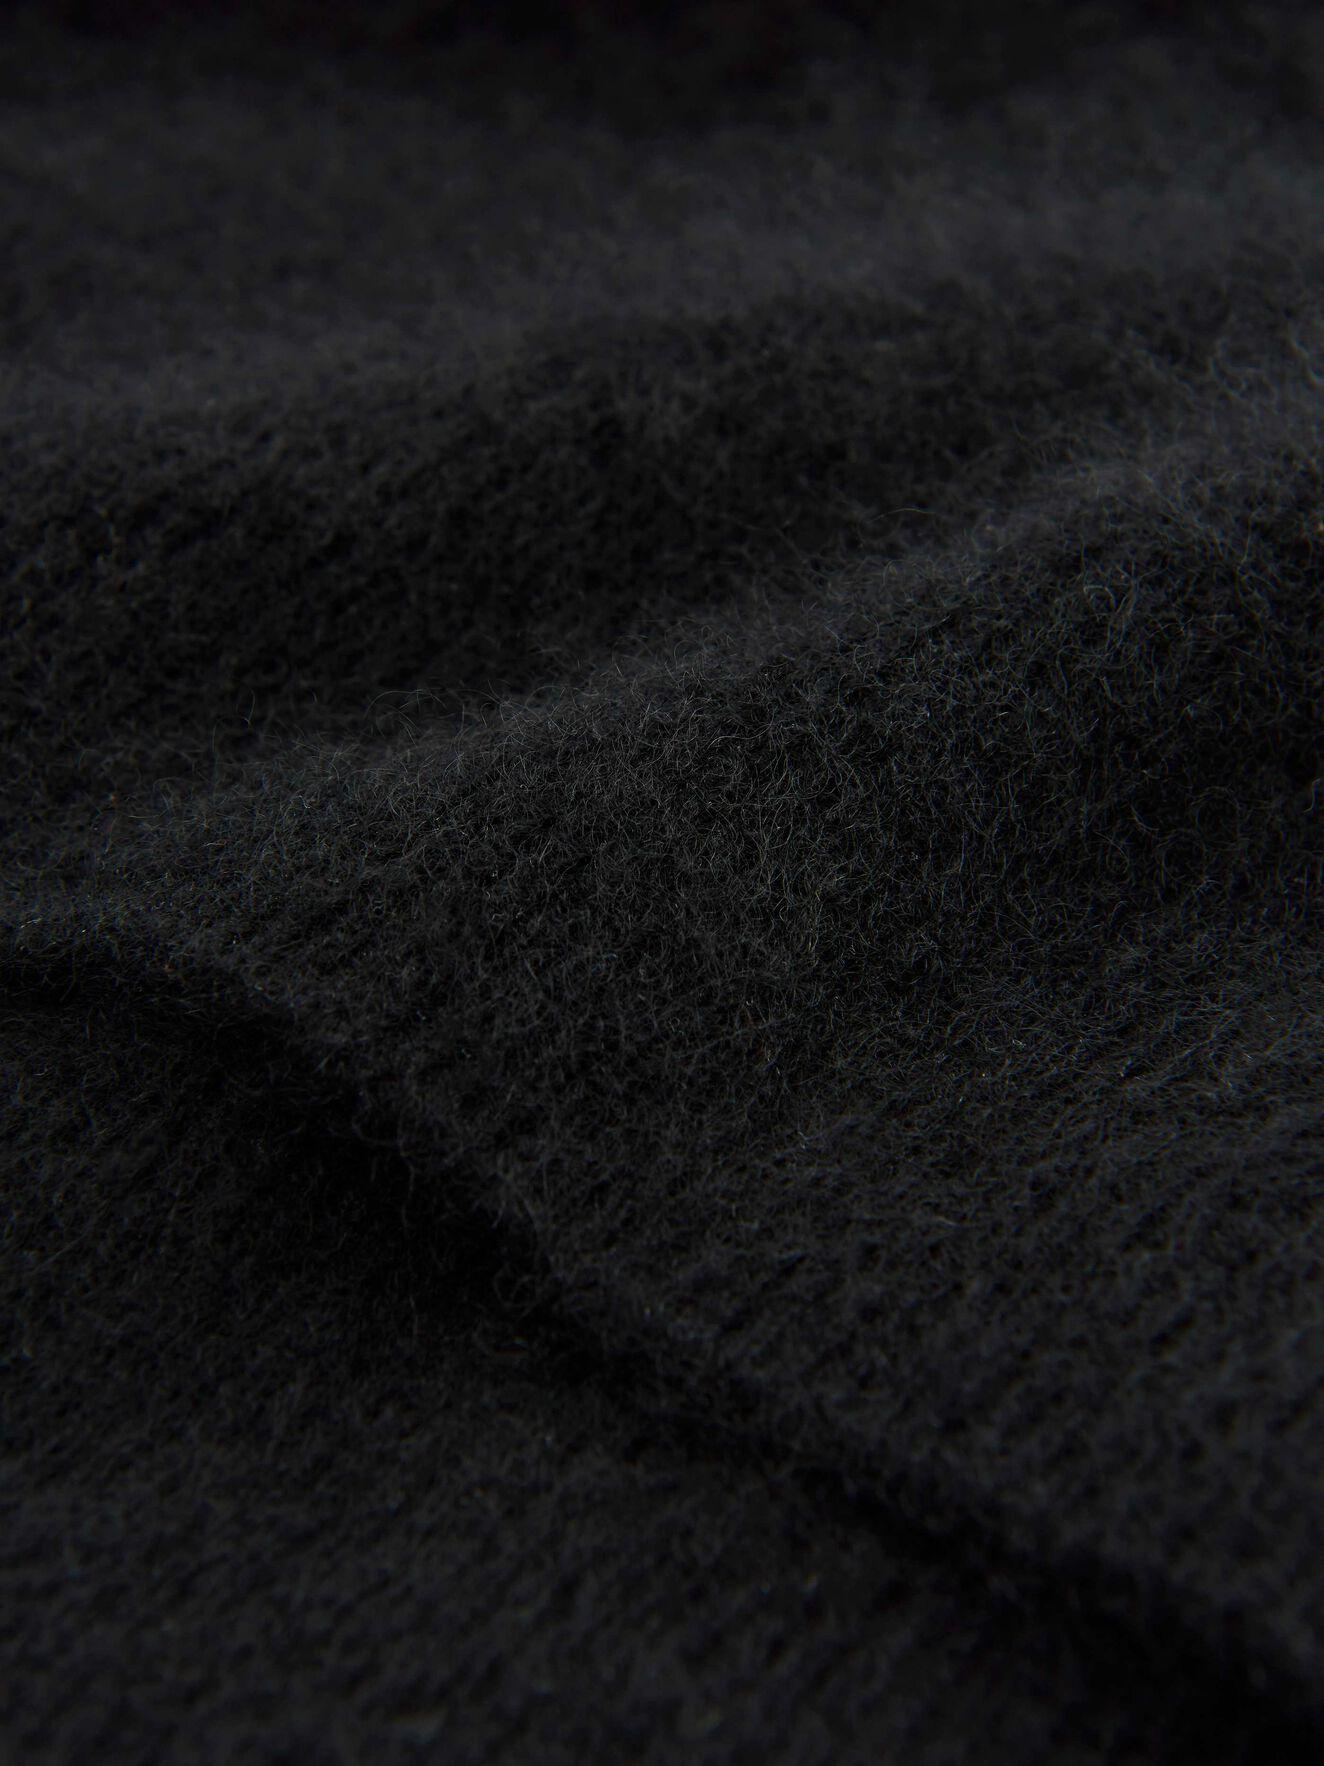 Novelli Pullover in Black from Tiger of Sweden